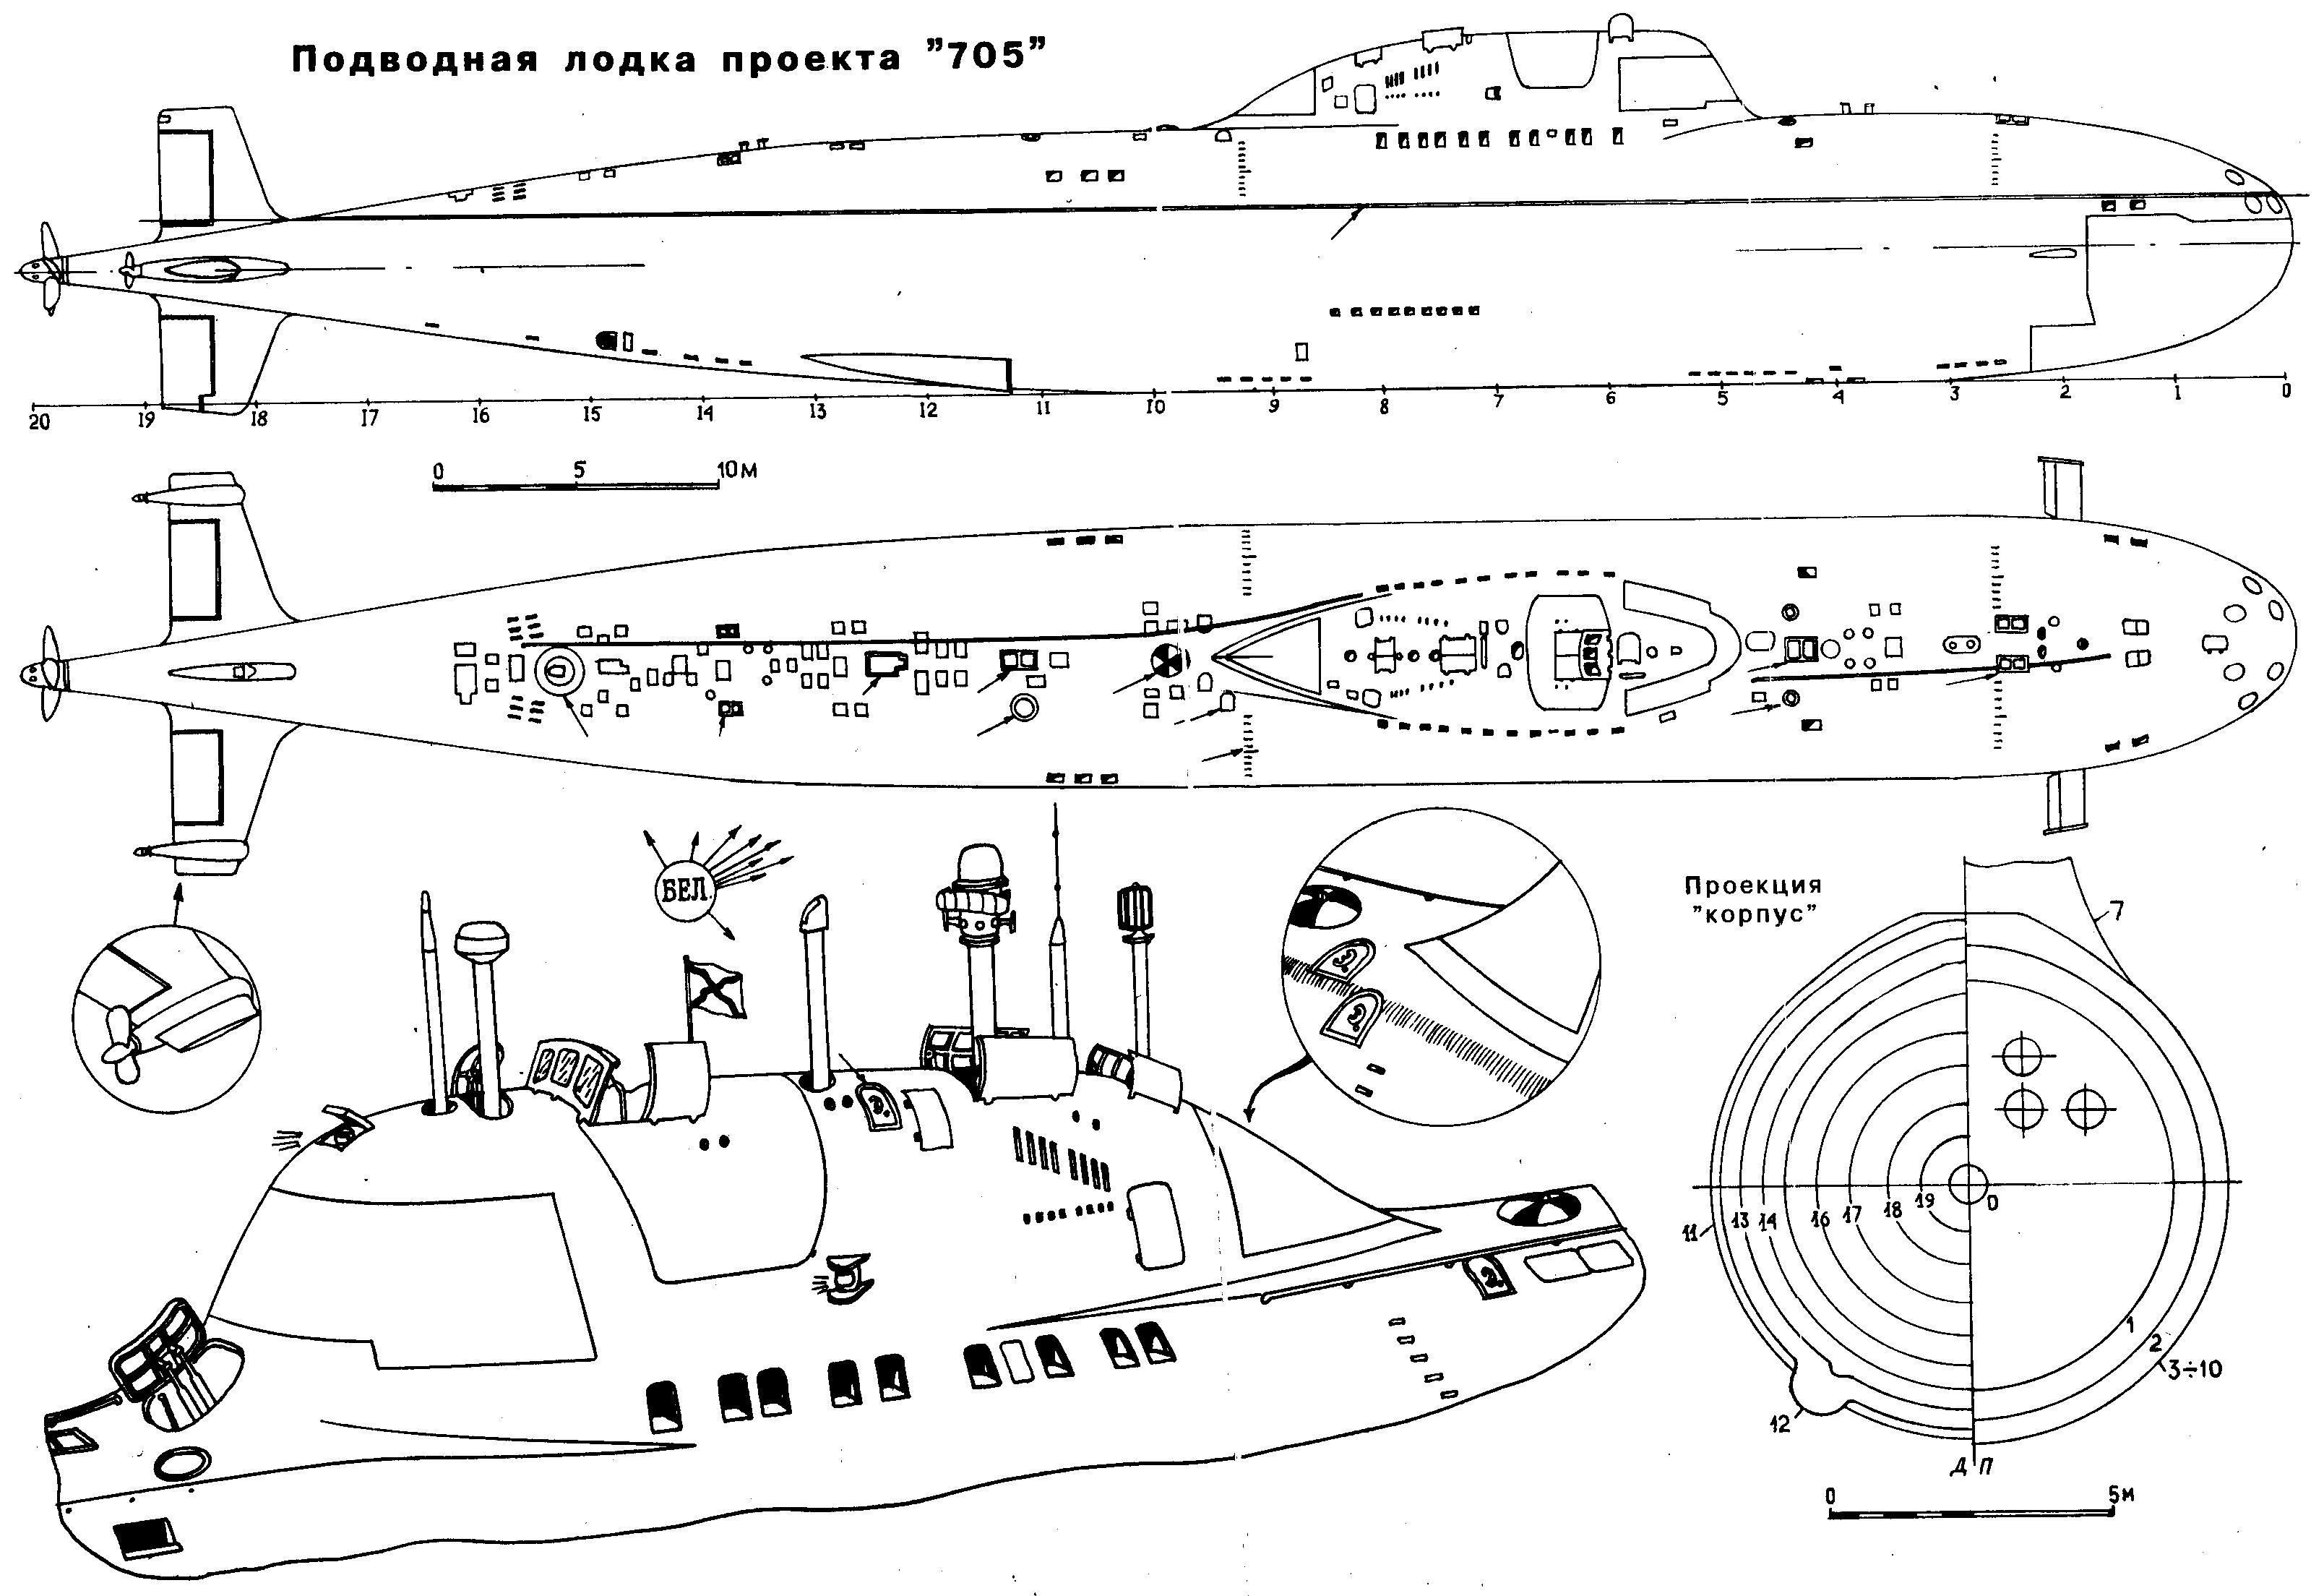 чертежи подводных лодок моделей